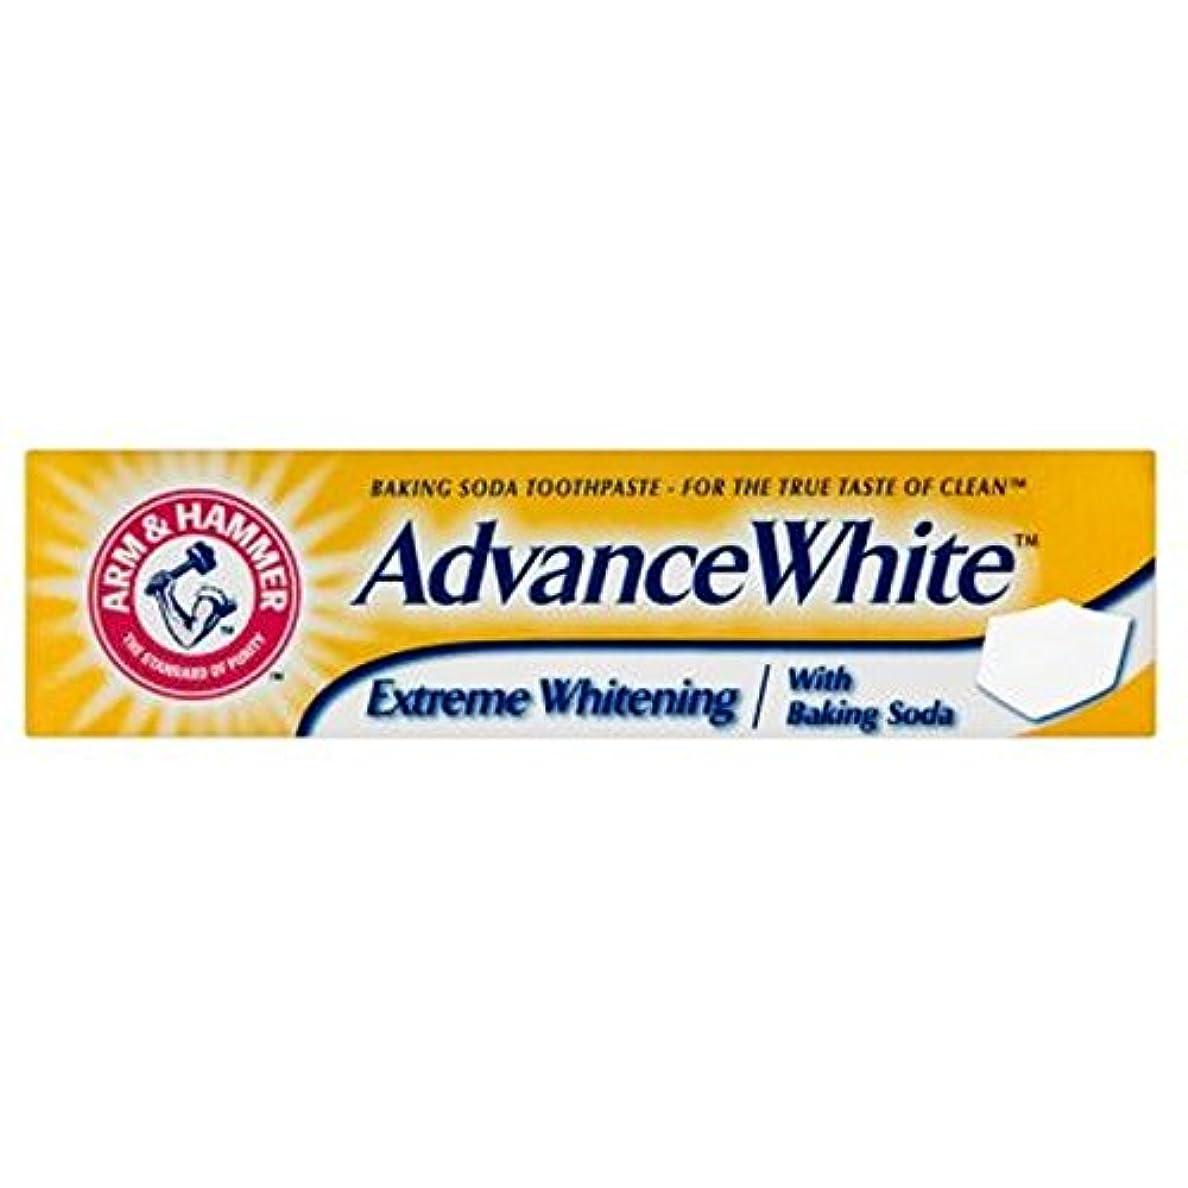 キッチンスキー賢明なArm & Hammer Advance White Extreme Whitening Baking Soda Toothpaste 75ml - 重曹歯磨き粉75ミリリットルをホワイトニングアーム&ハンマー事前白極端...